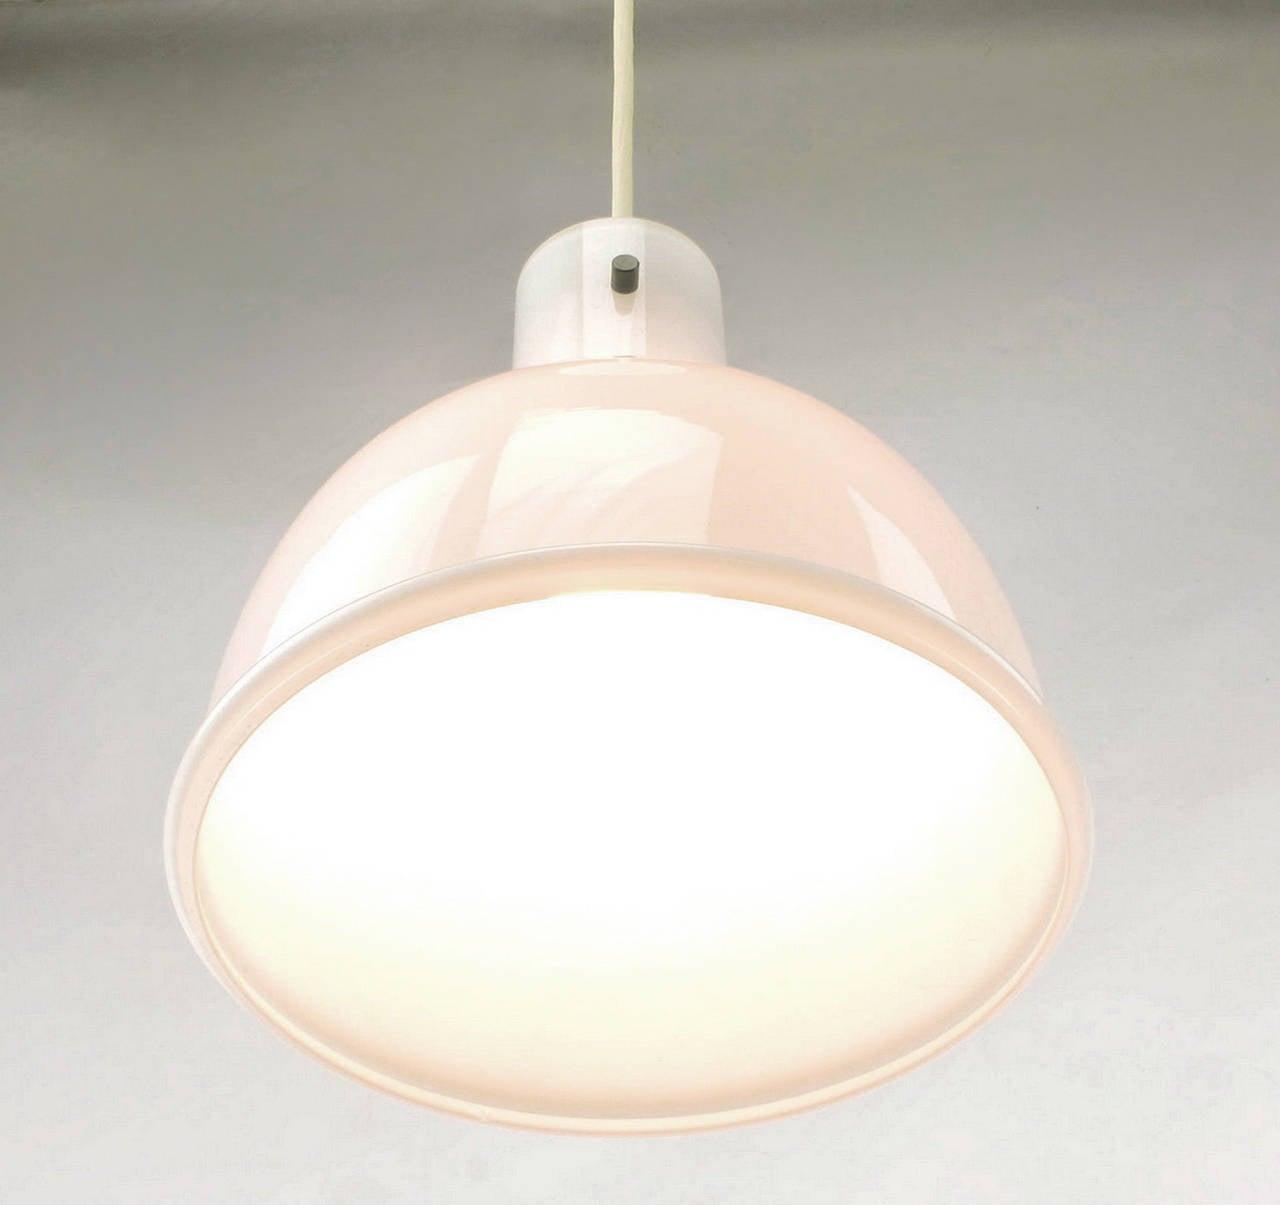 1970s Lightolier White Cased Glass Bell Form Pendant Light by Glashütte Limburg For Sale